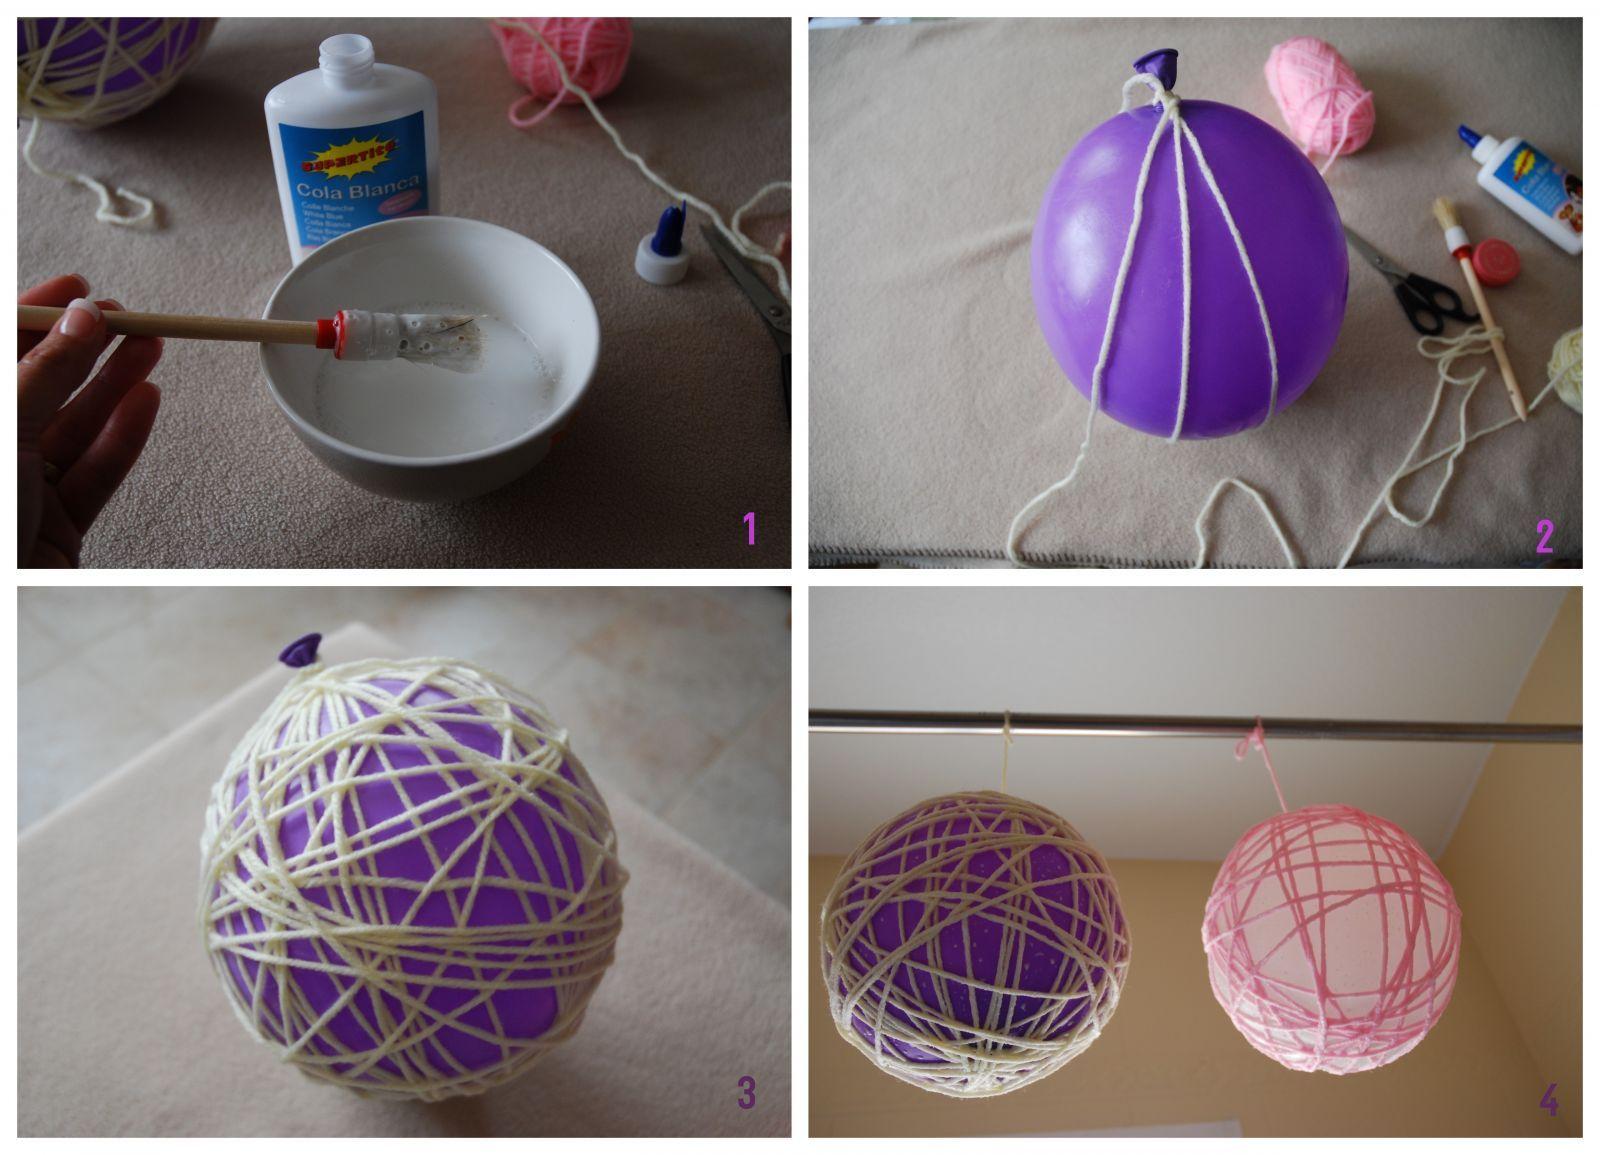 Diy decora con globos de lana boda pinterest - Decora con globos ...